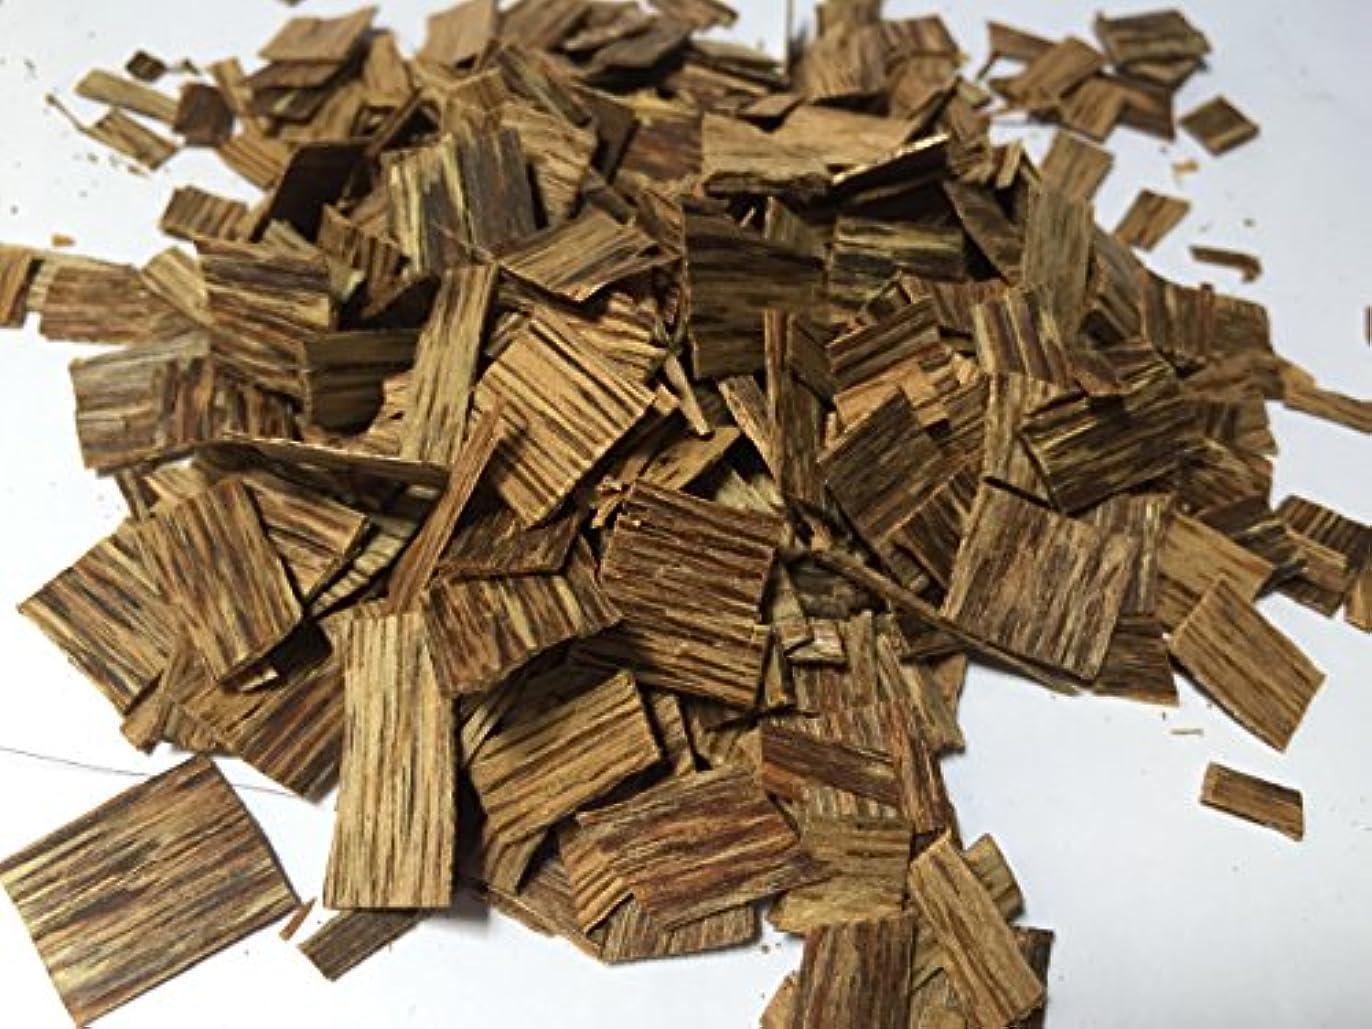 高速道路海嶺観光に行くoudwoodvietnam. Com元Natural Wild Agarwood OudチップGrade A +   1 kgお香アロマ